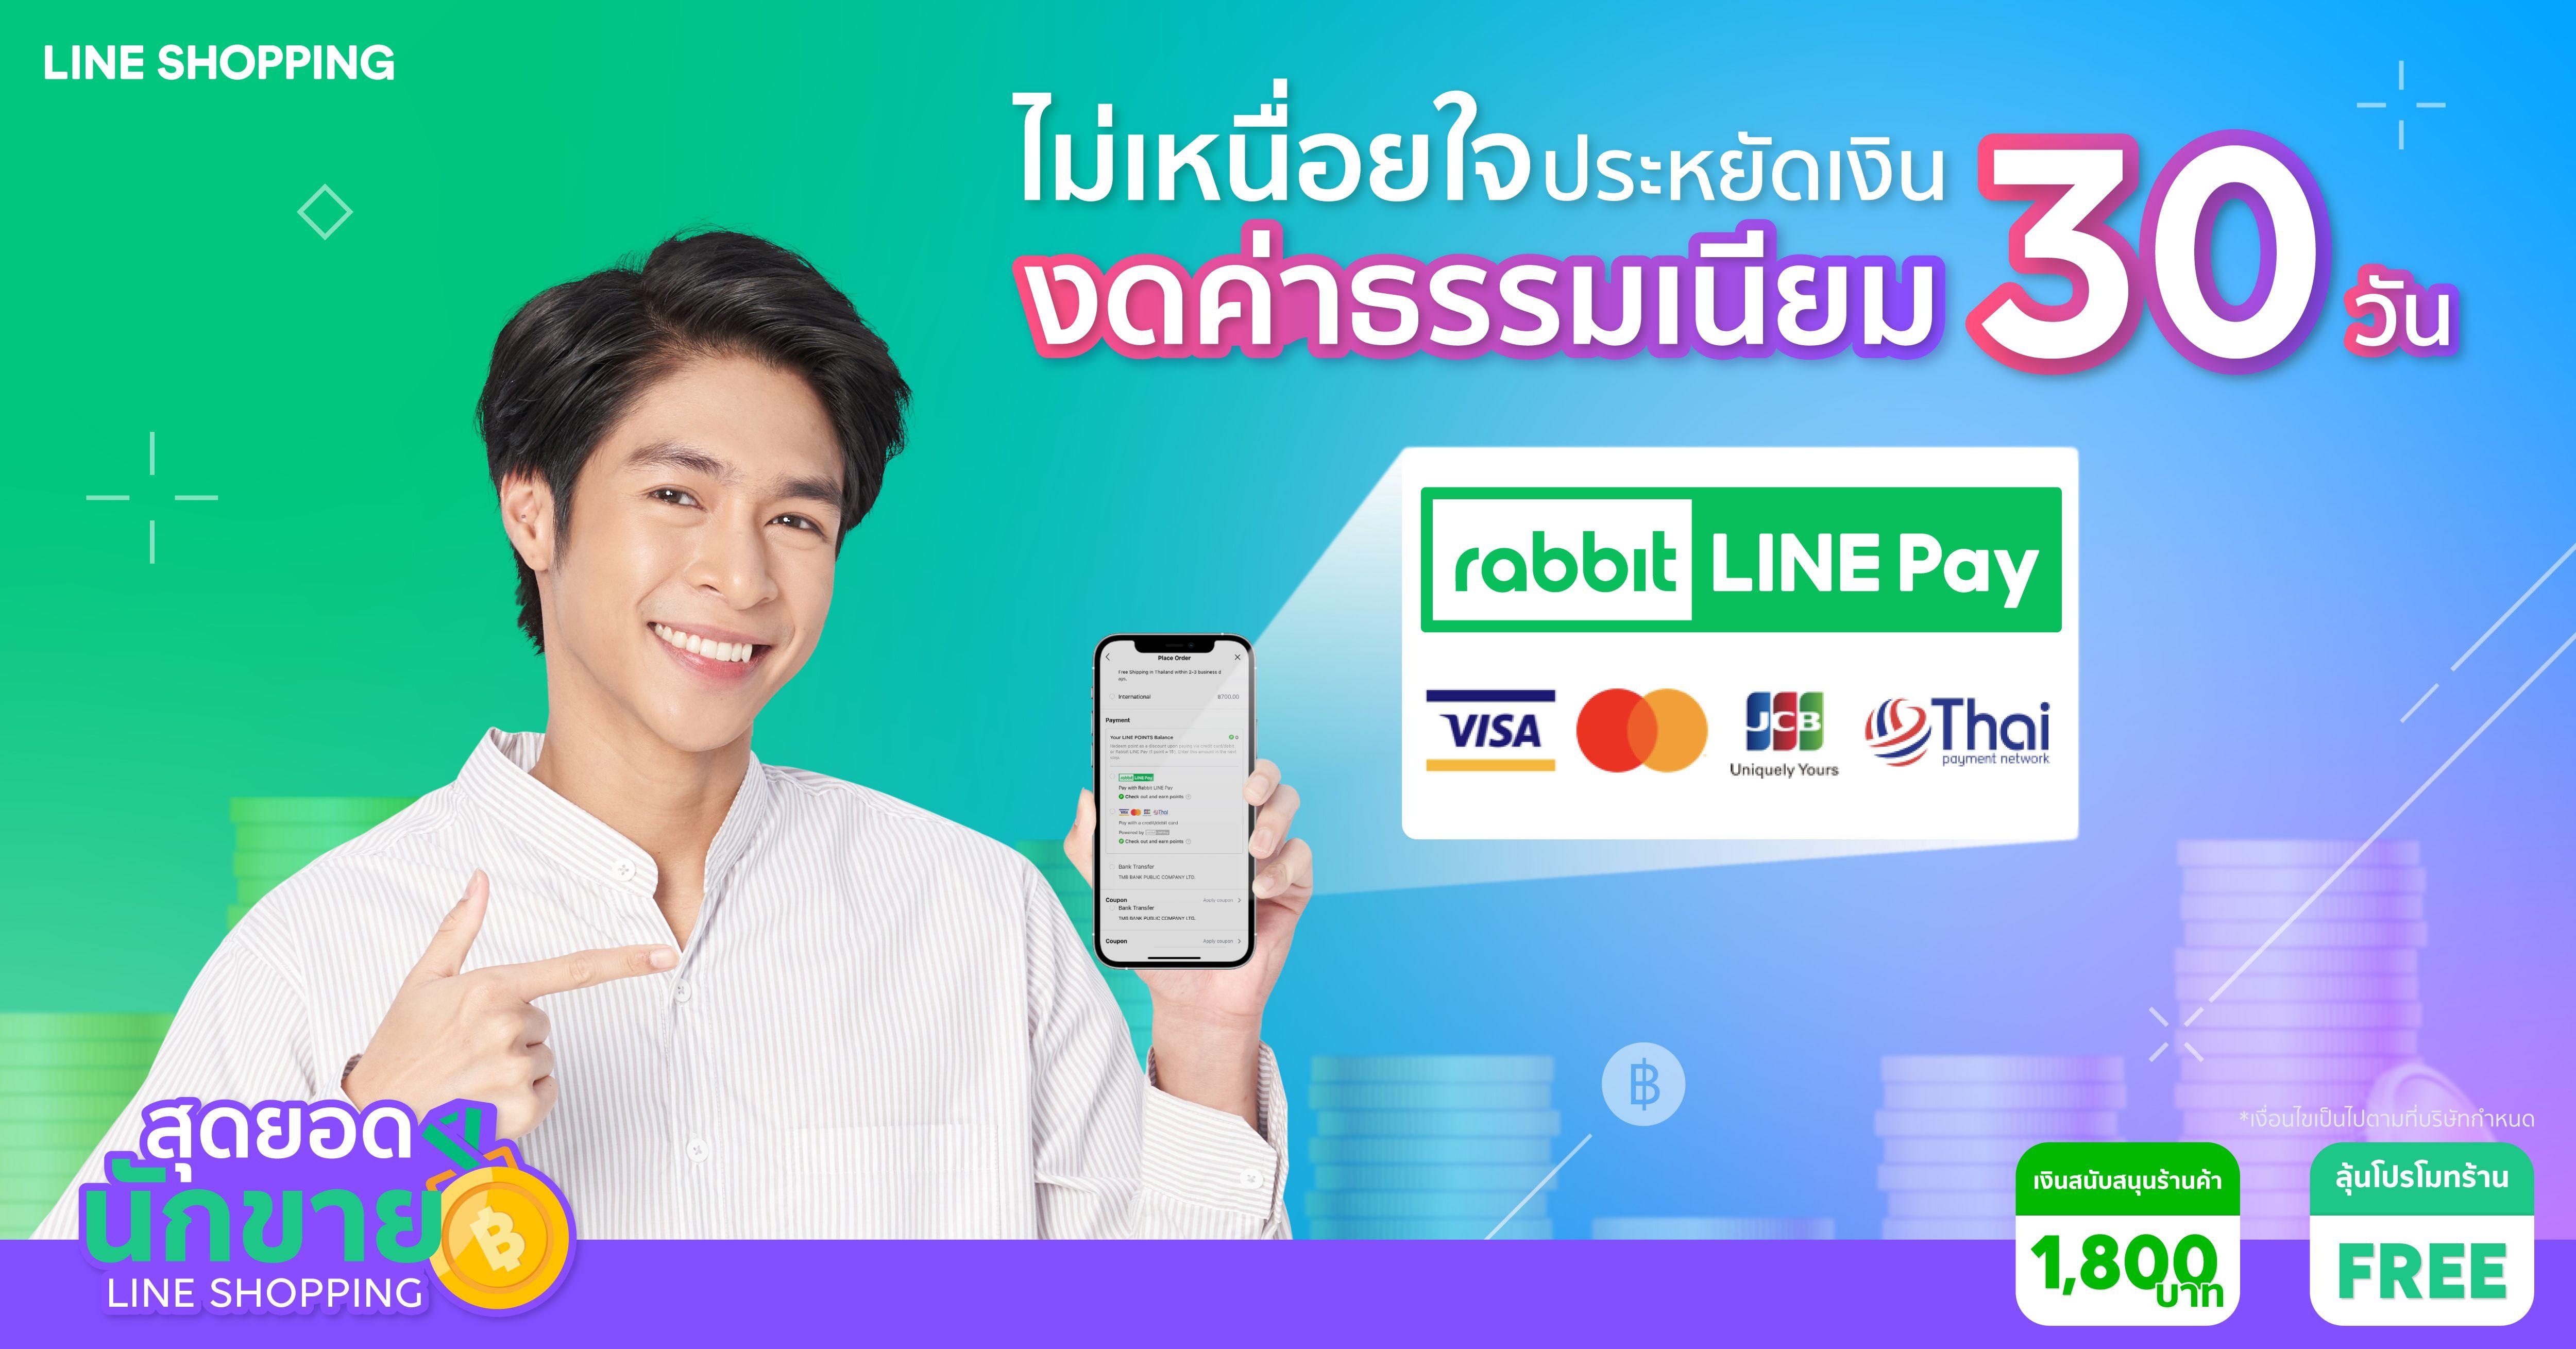 การรับสิทธิเงินสนับสนุนเงินทางการตลาดในการใช้บริการ Rabbit LINE Pay  ในแคมเปญสุดยอดนักขาย LINE SHOPPING